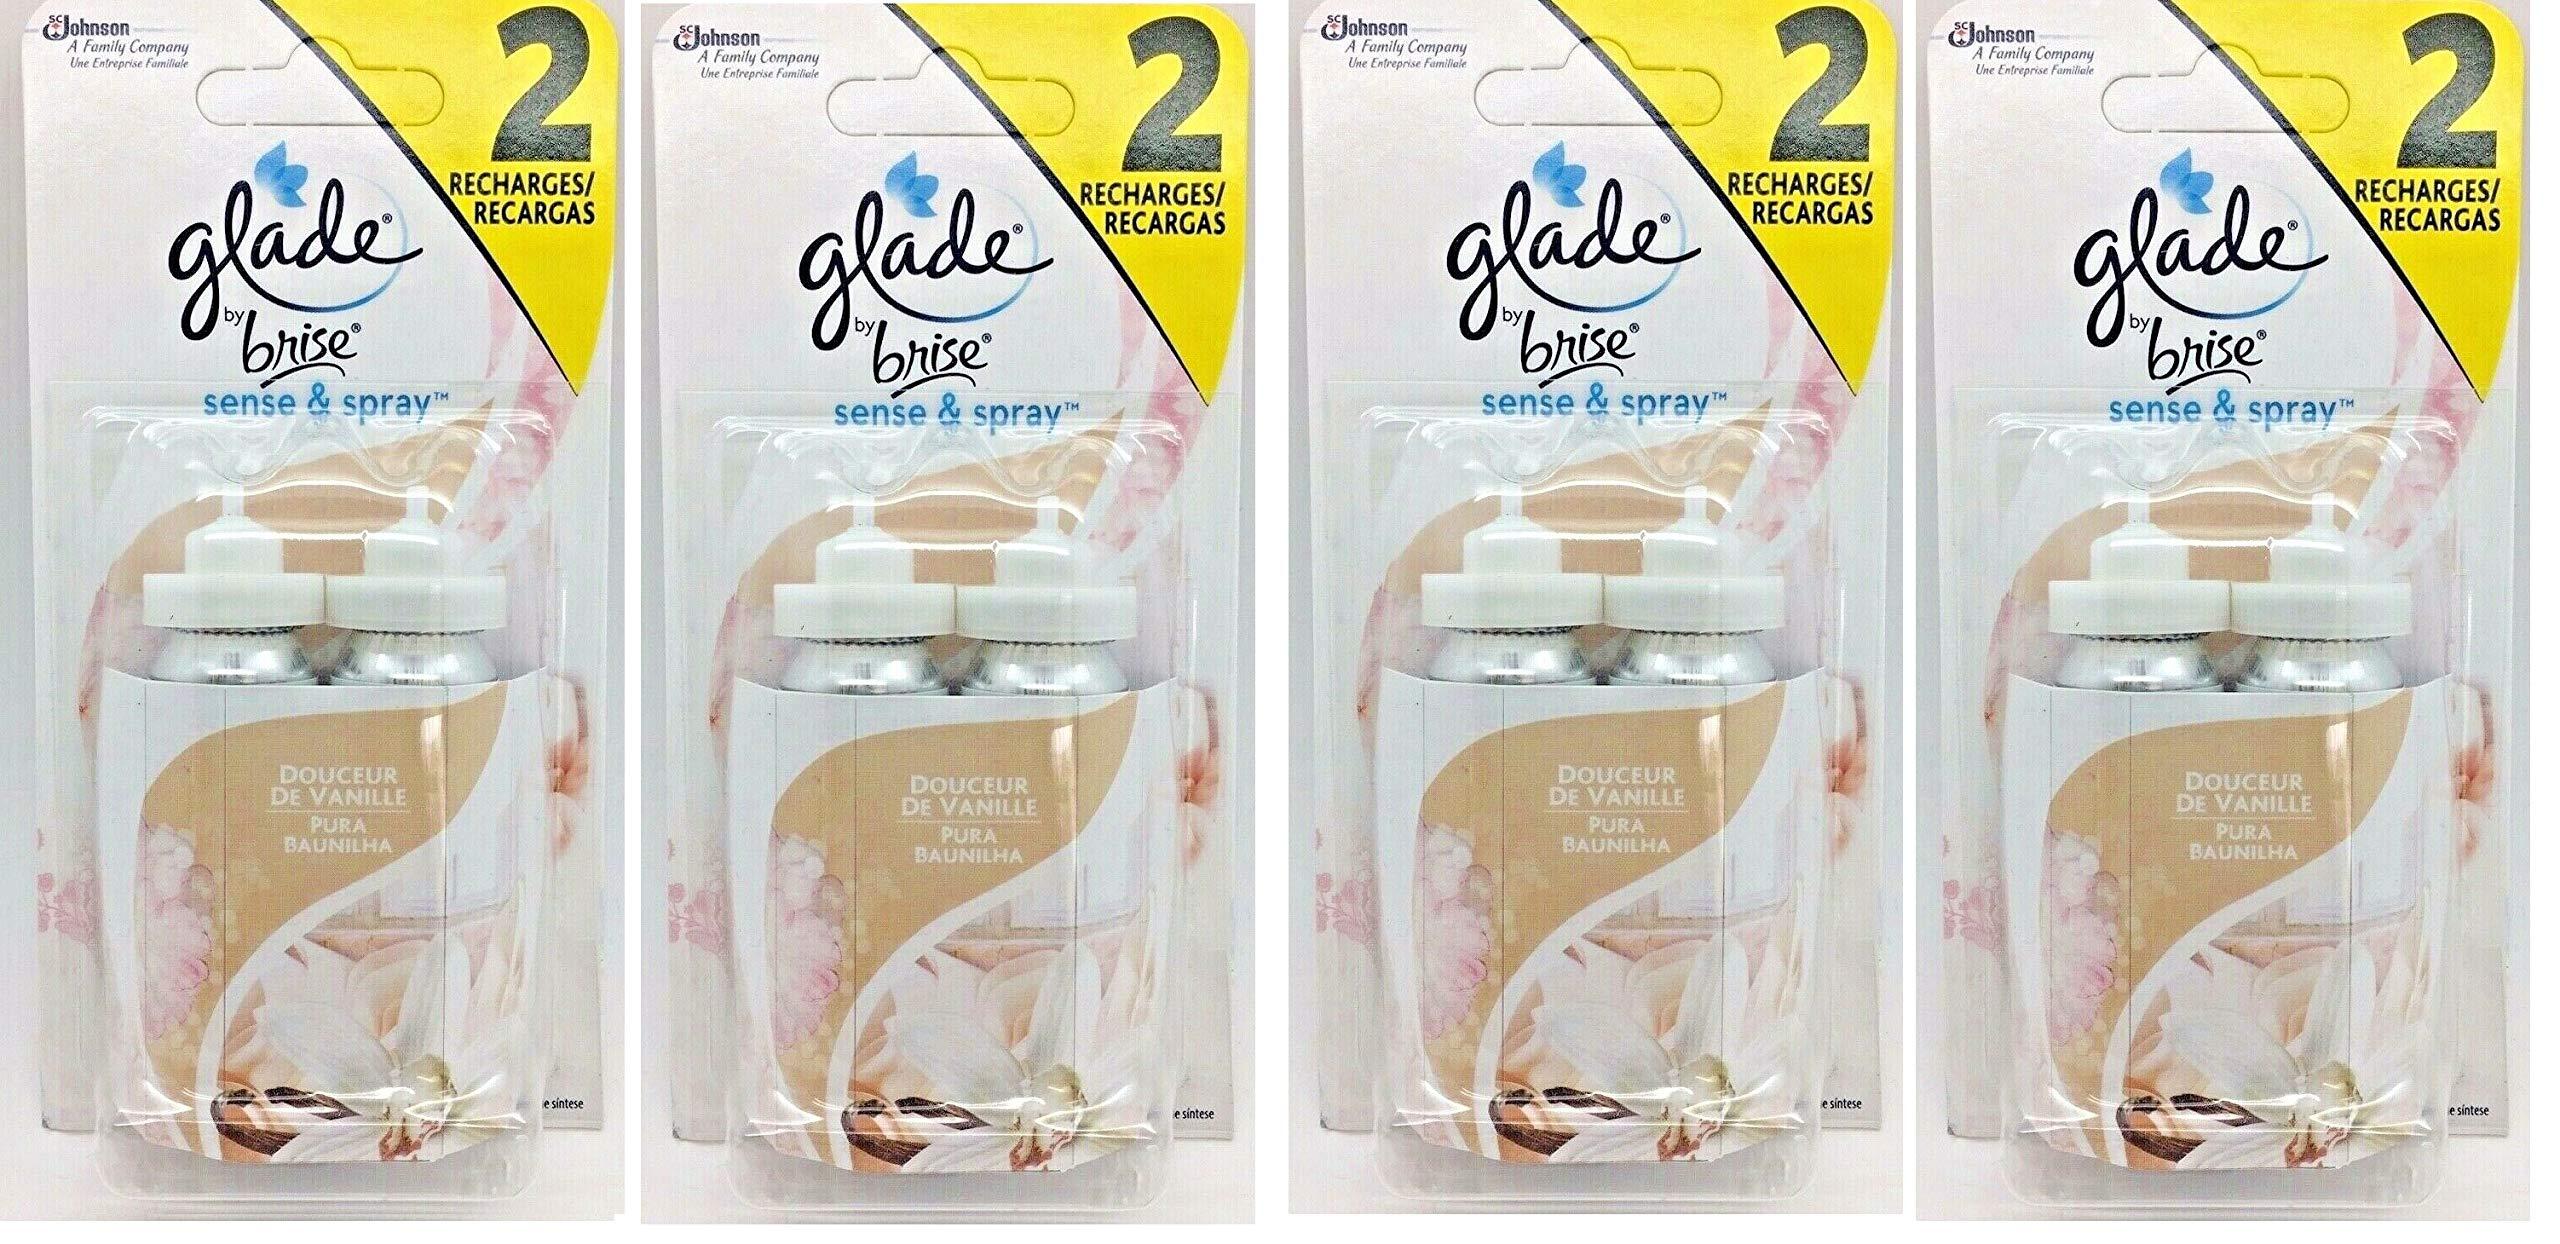 8 x Glade Sense & Spray Refills (Vanilla)